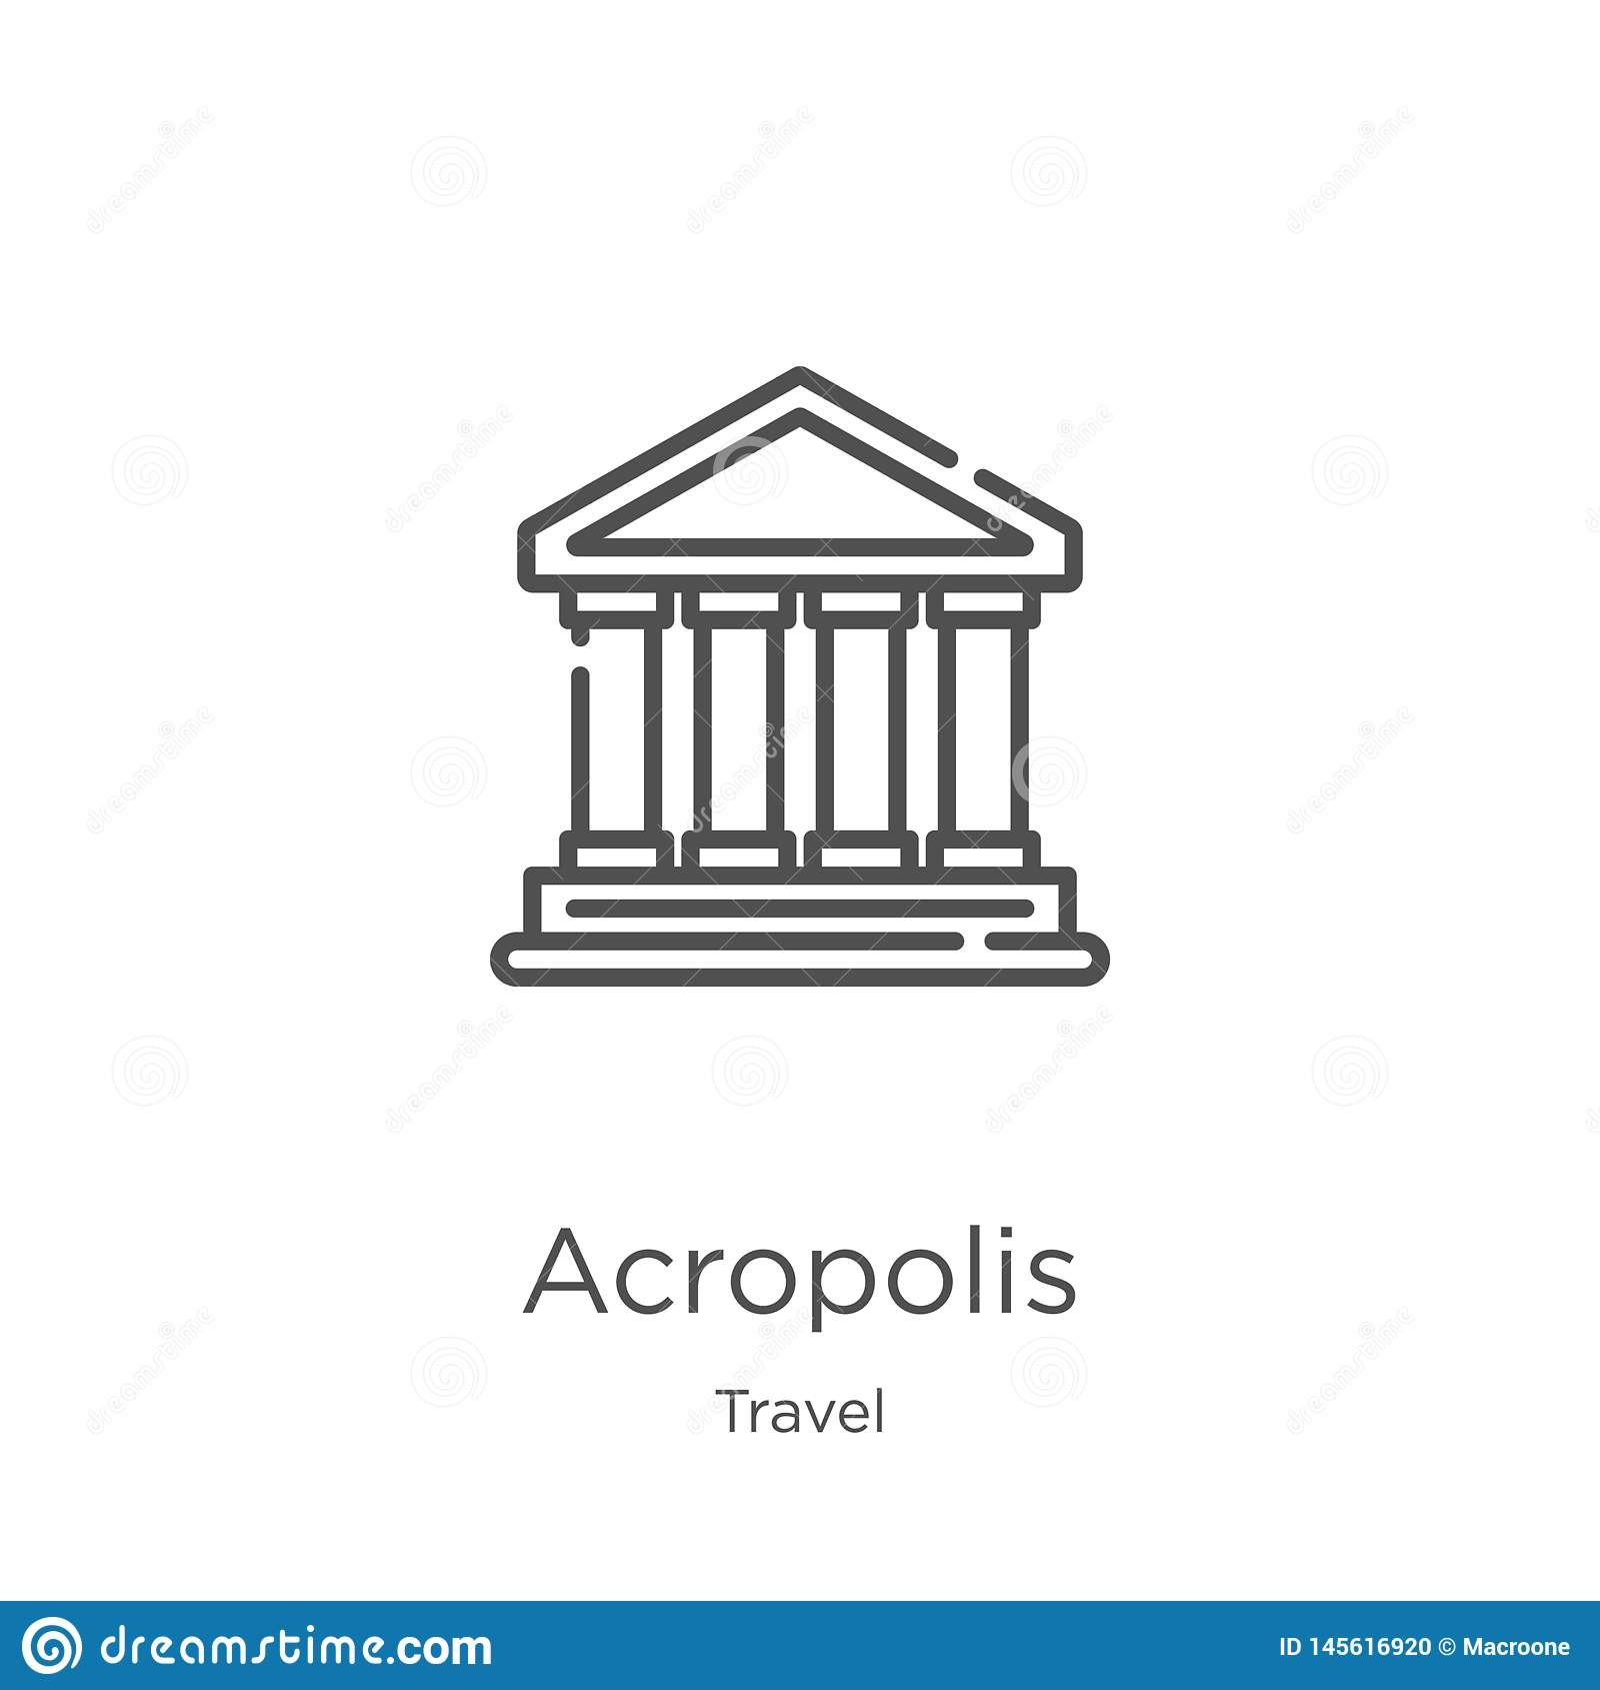 вектор значка акрополя от собрания перемещения Тонкая линия иллюстрация вектора значка плана акрополя План, тонкая линия акрополь